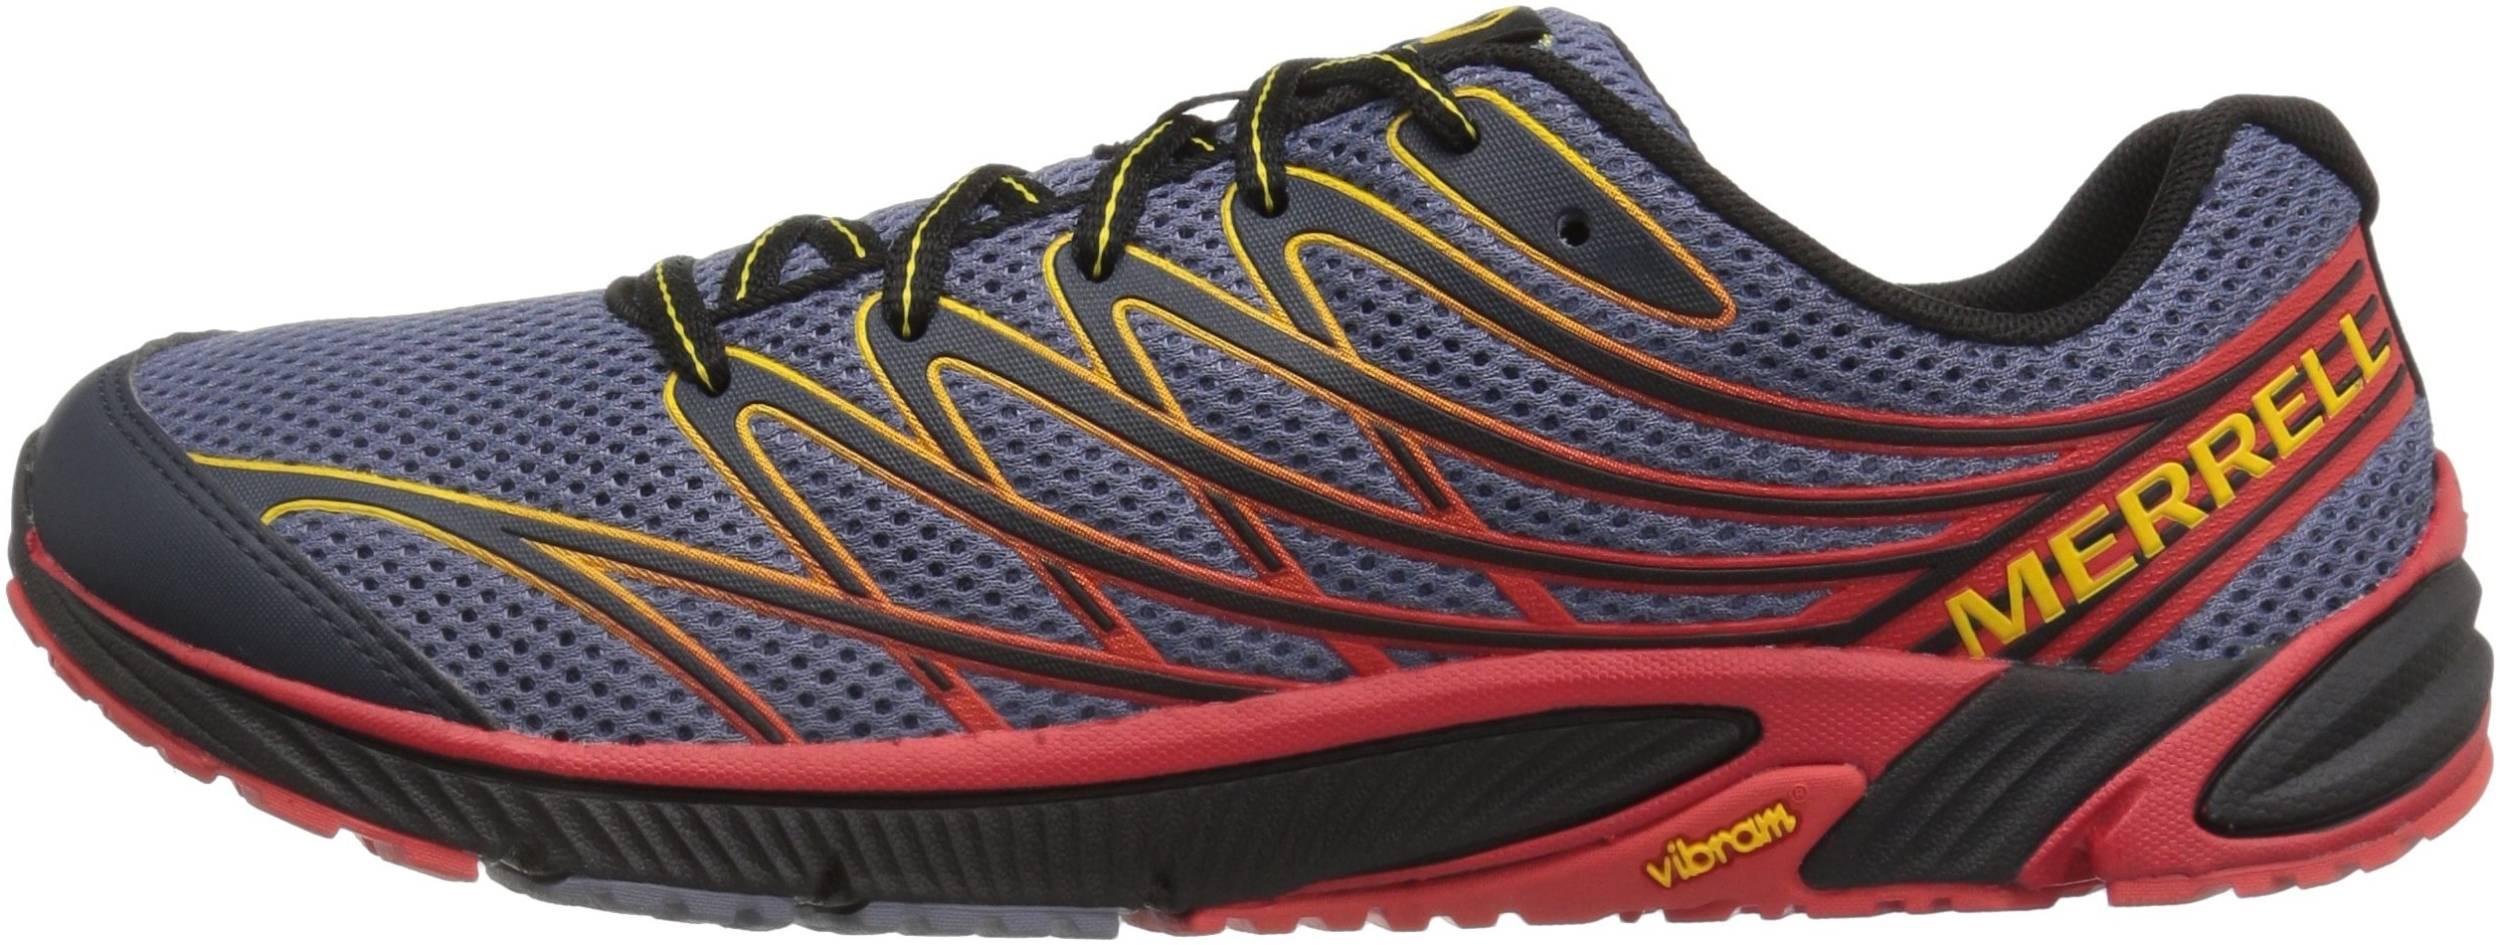 Merrell Lightweight Running Shoes